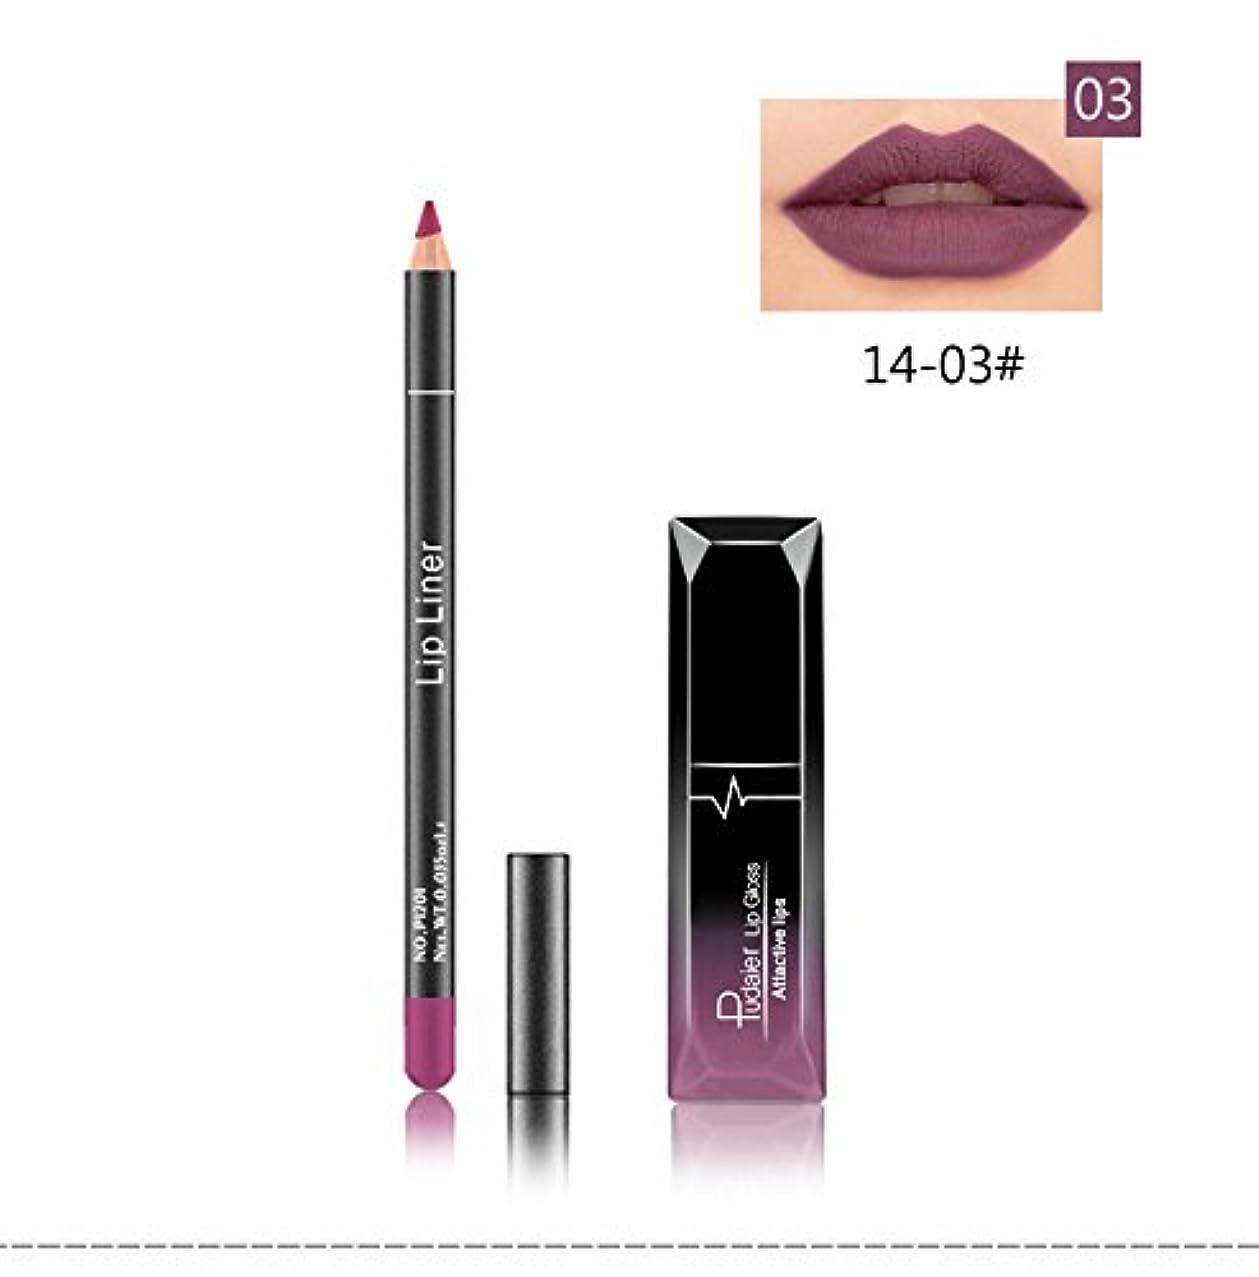 可決ショッピングセンターバブル(03) Pudaier 1pc Matte Liquid Lipstick Cosmetic Lip Kit+ 1 Pc Nude Lip Liner Pencil MakeUp Set Waterproof Long...